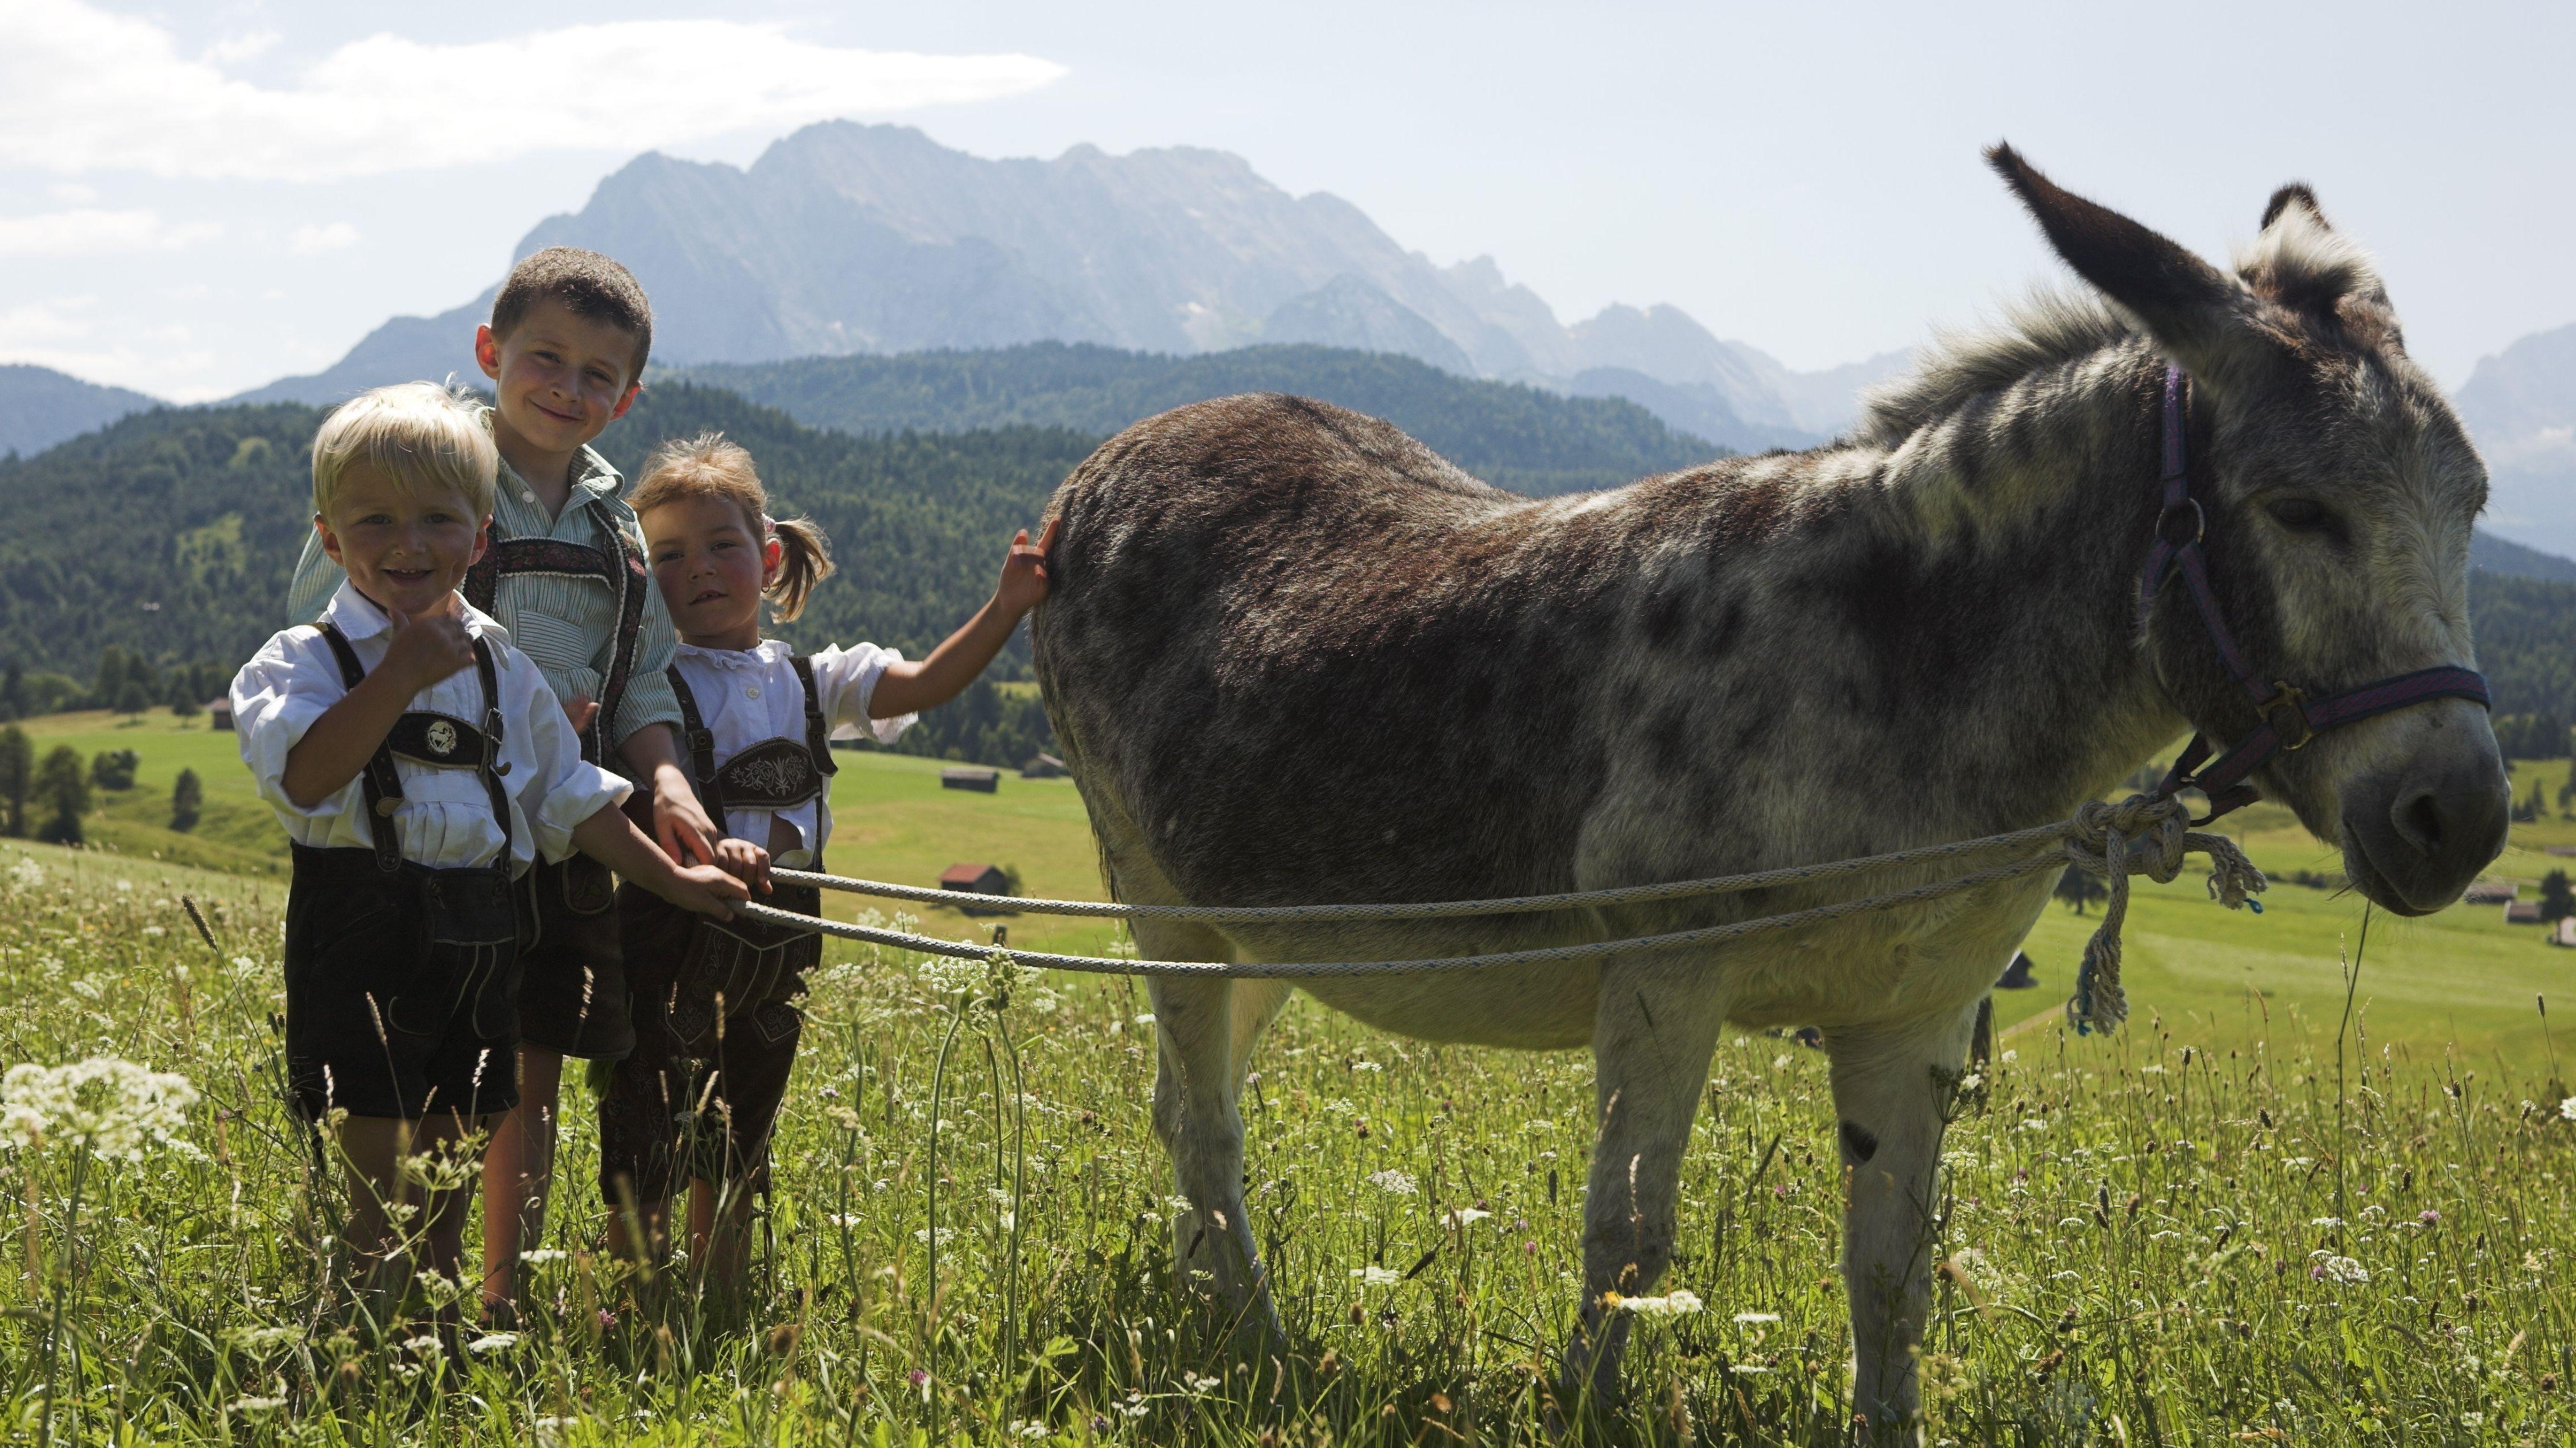 Urlaub auf dem Bauernhof mit Kind und Esel